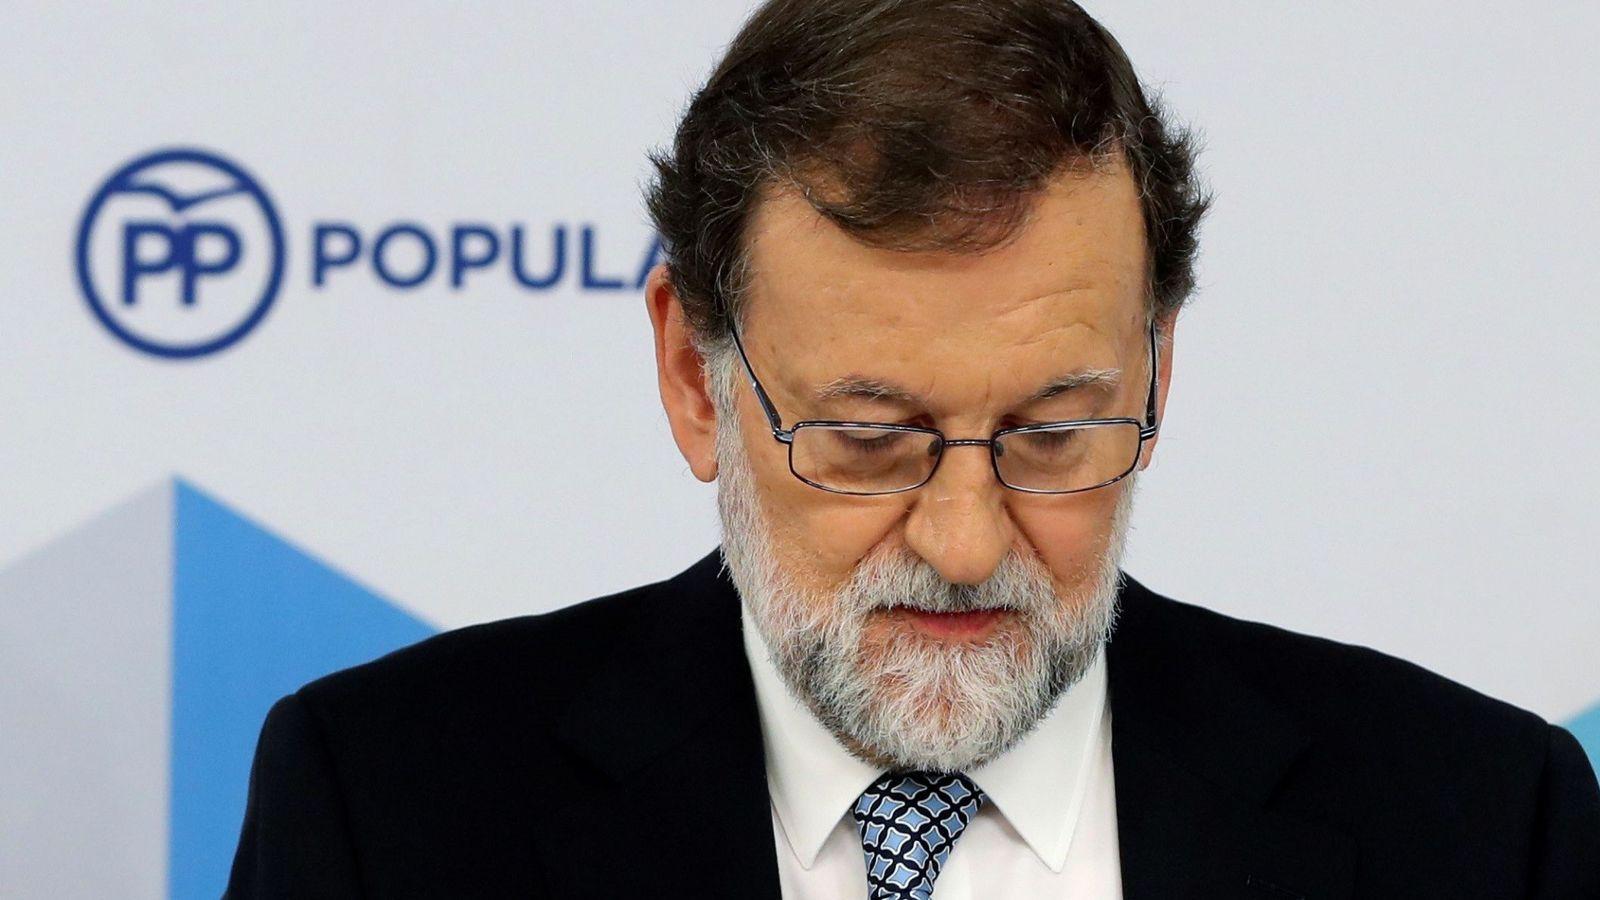 Foto: El líder del PP, Mariano Rajoy, durante la reunión del comité nacional del partido. (EFE)